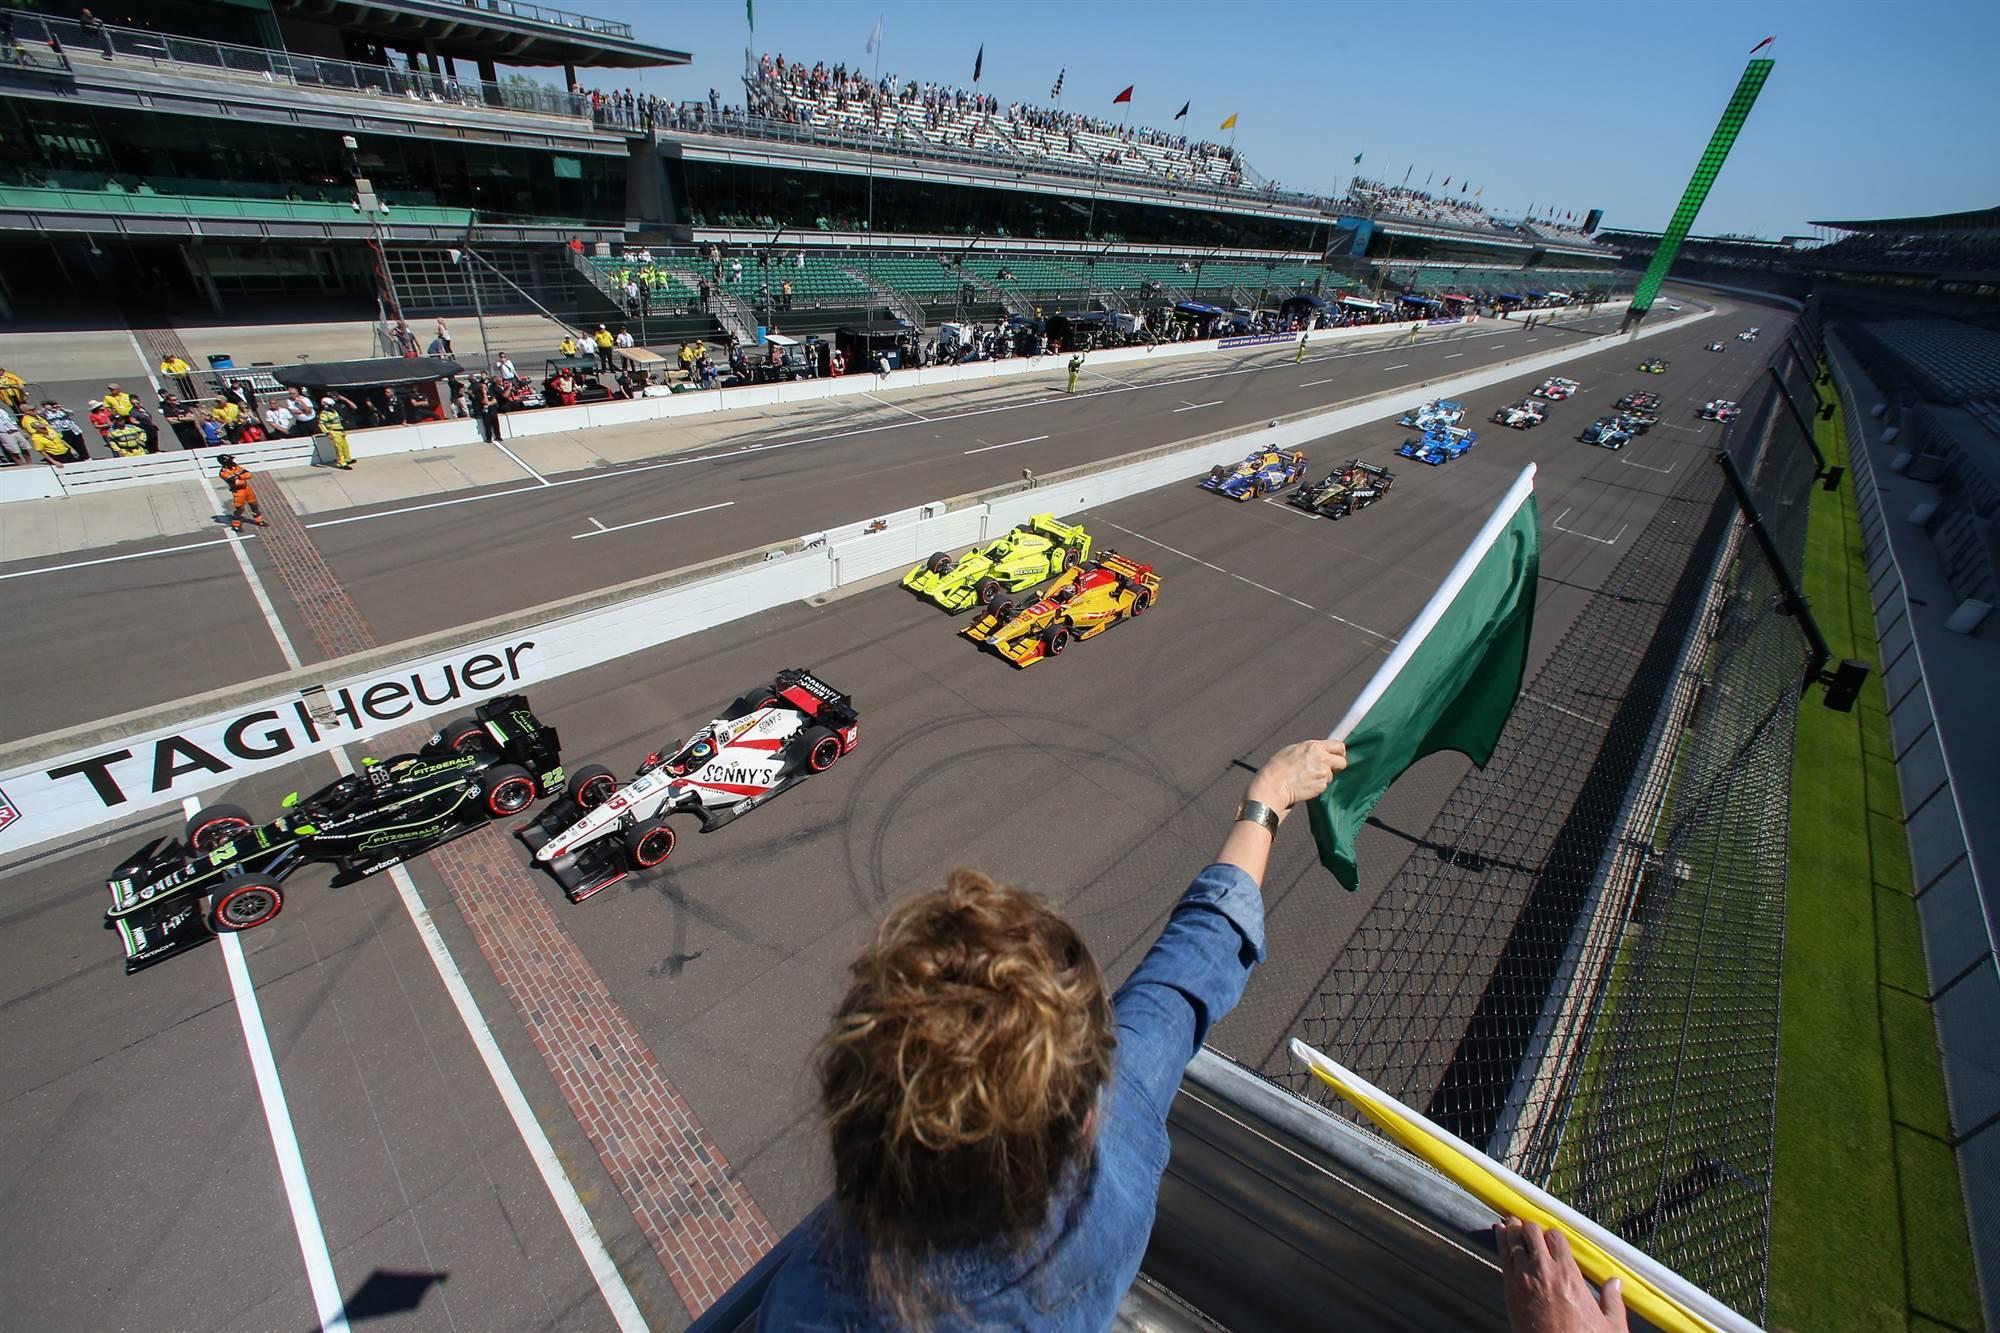 Старт Гран-при Индианаполиса 2017